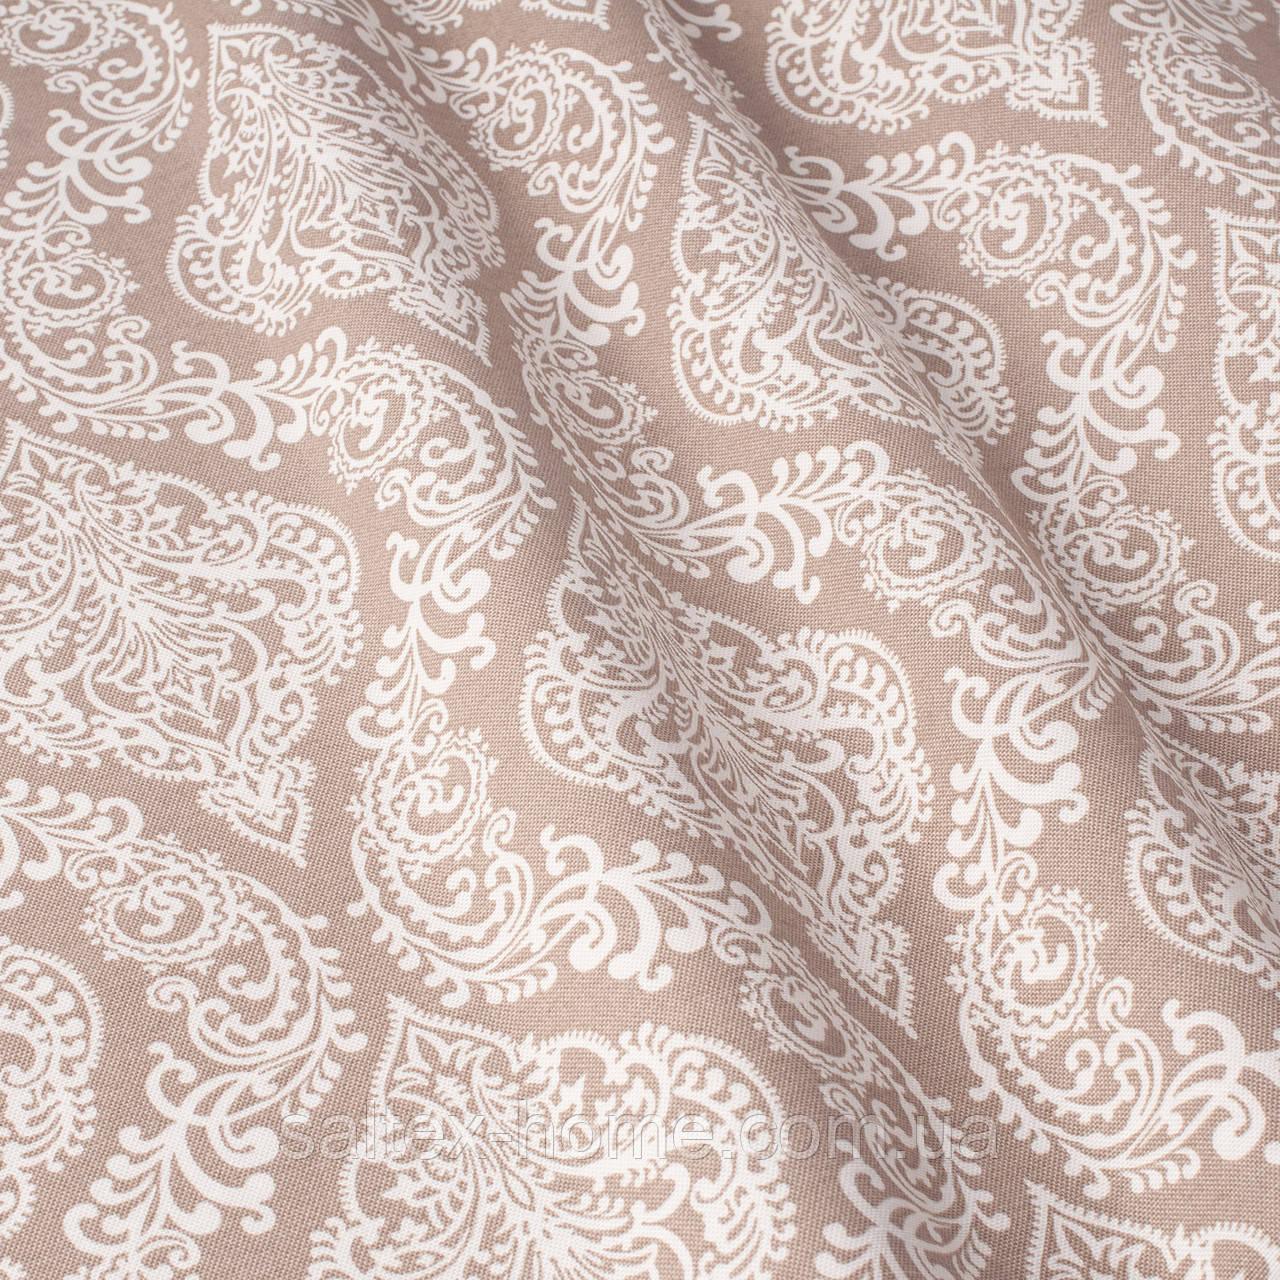 Декоративная ткань с пропиткой от загрязнений с шириной 180 см